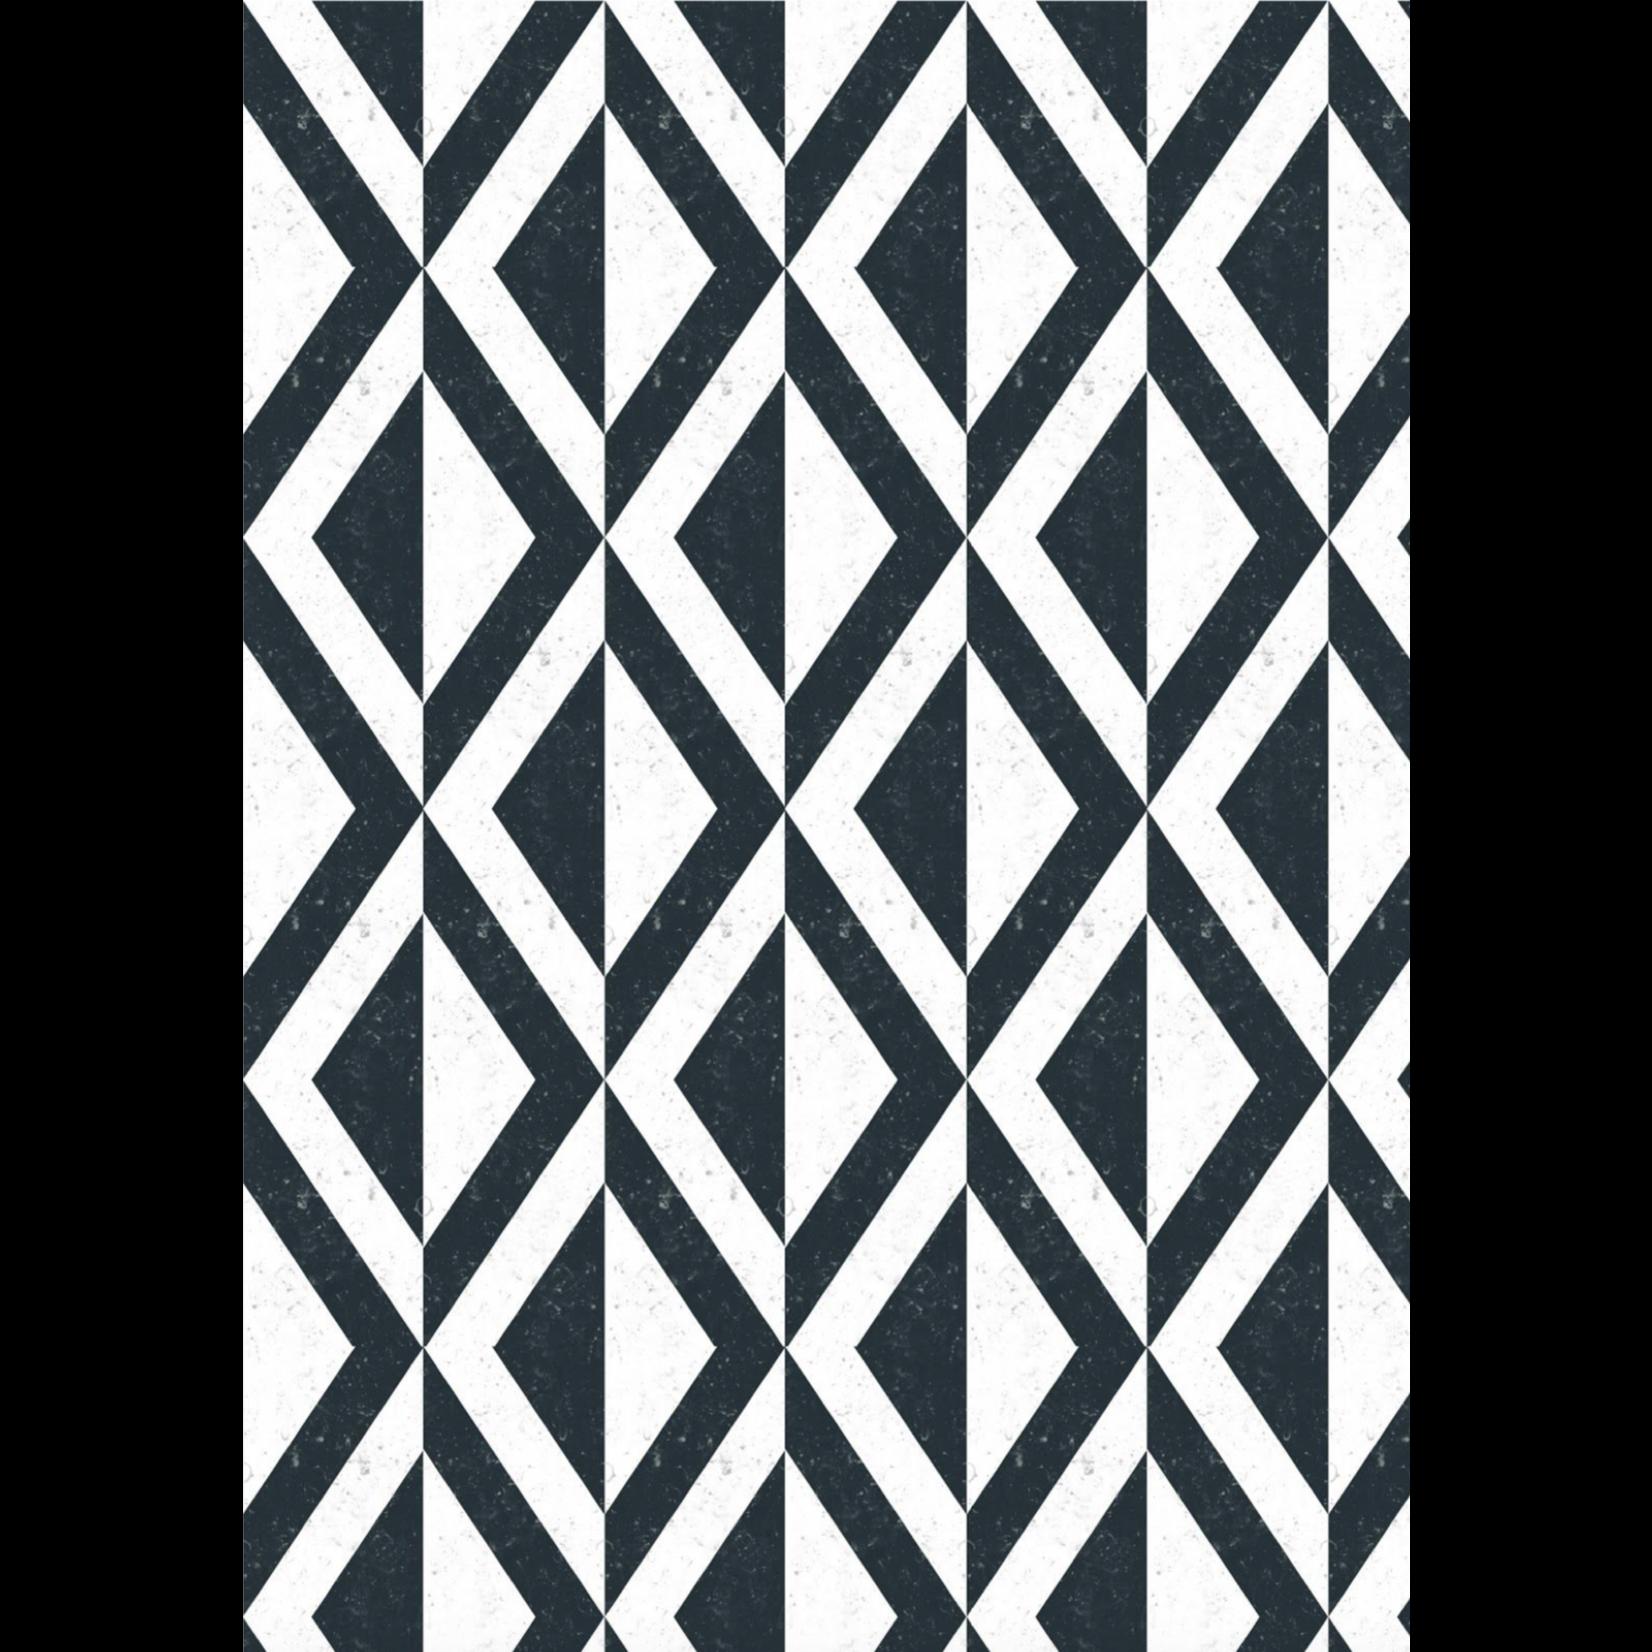 Kit Miles Overlook | Tiles